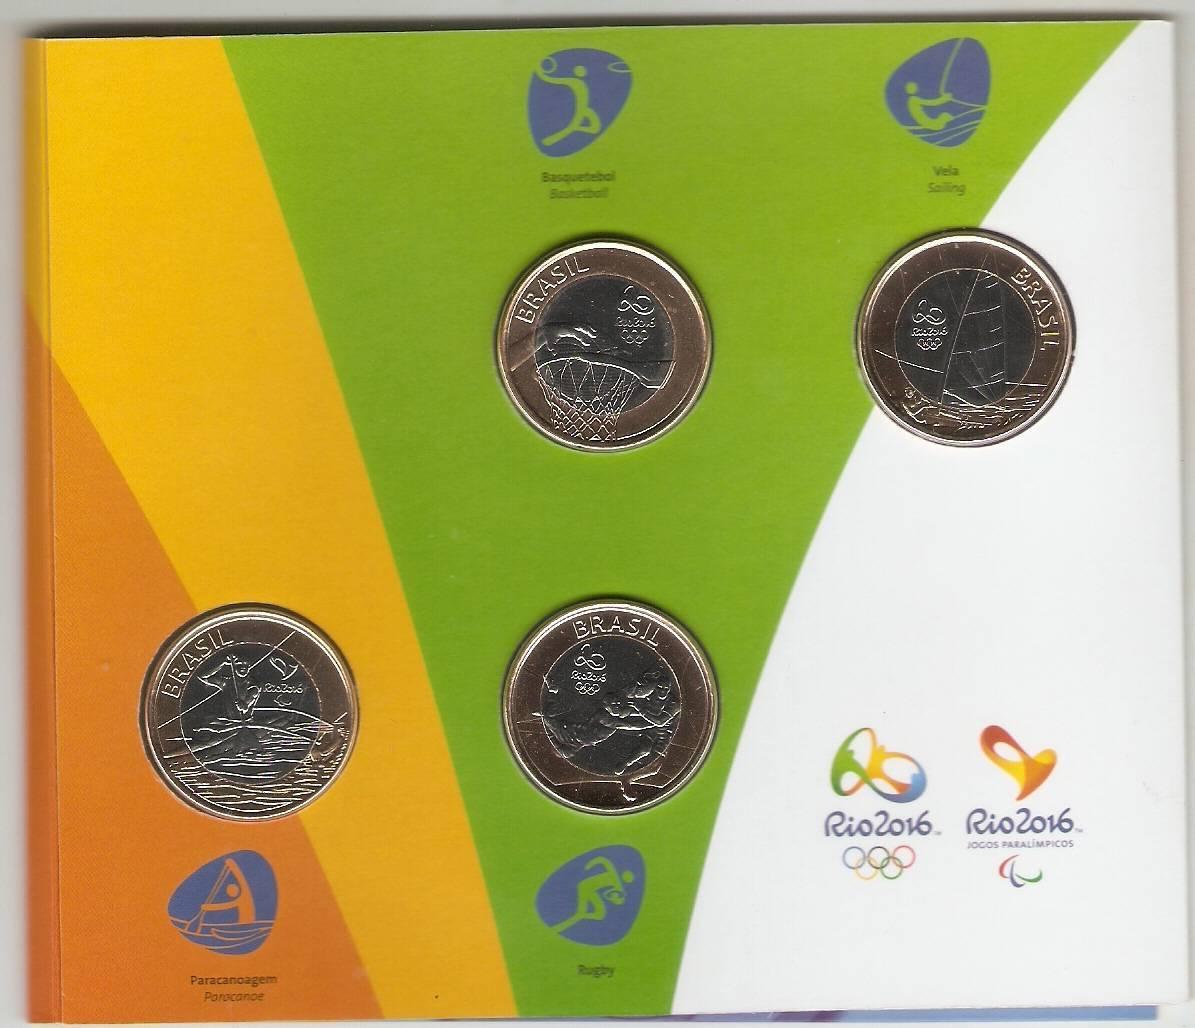 Cartela Com a Segunda Série das Moedas das Olimpíadas e Paraolimpíadas Rio 2016 - Numismática Vieira